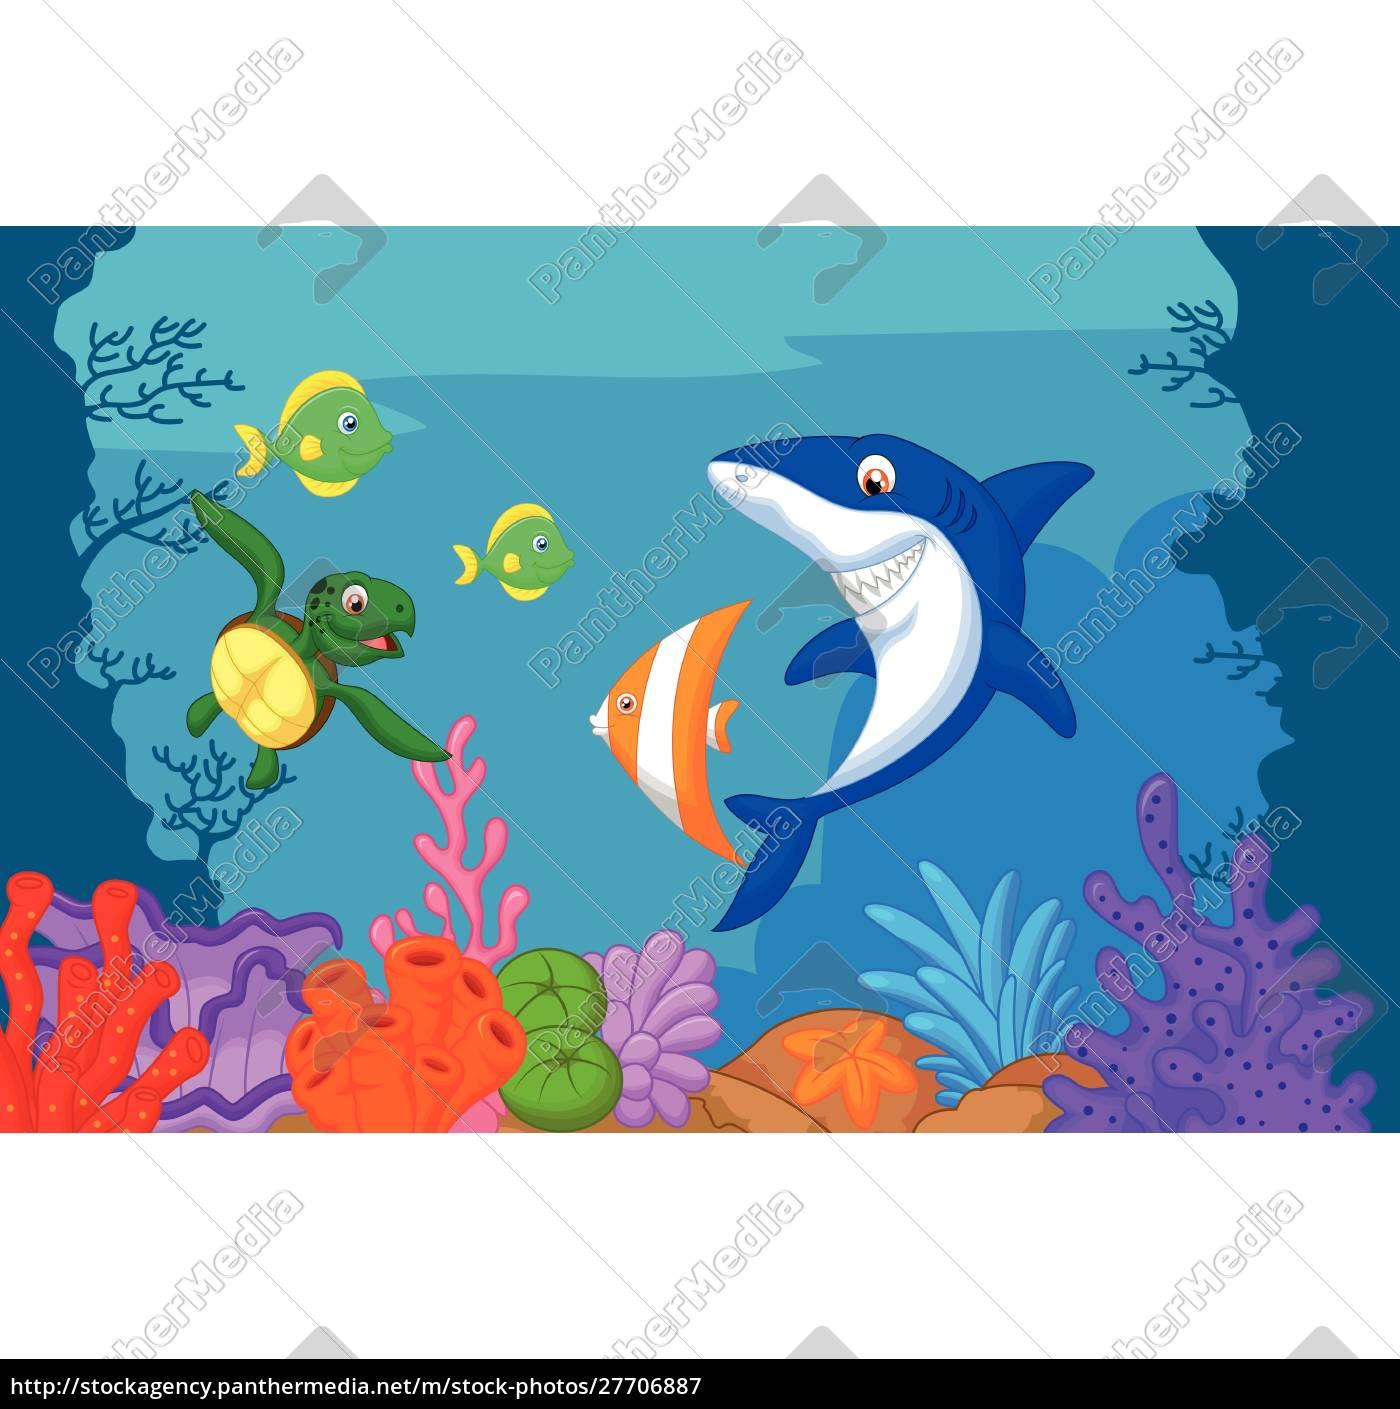 cartone, animato, sulla, vita, marina - 27706887